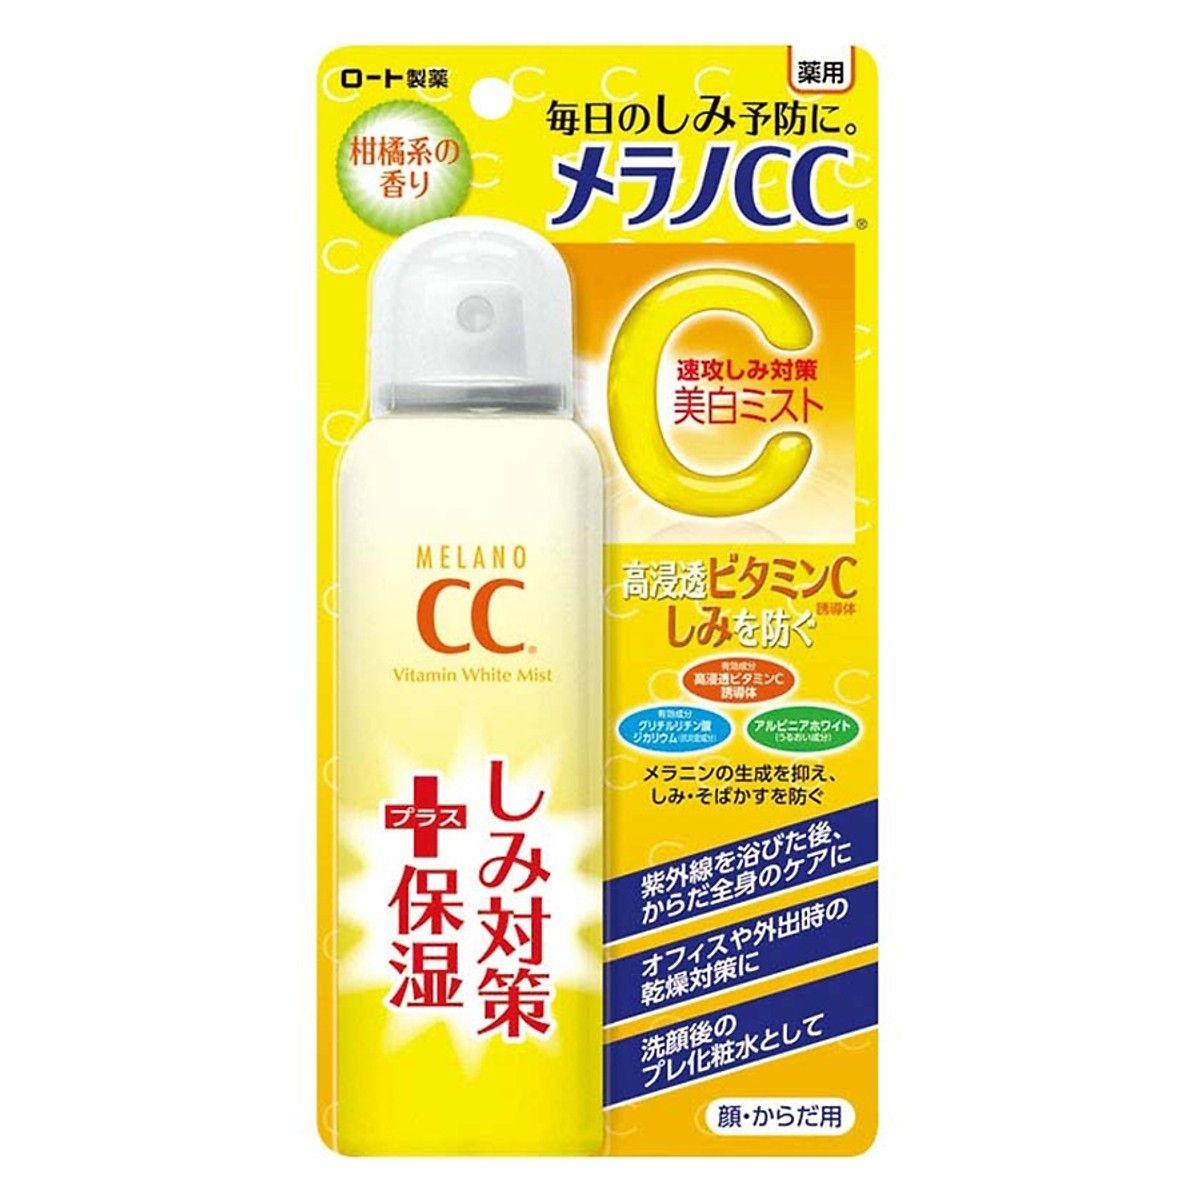 Xịt khoáng dưỡng ẩm, trắng da Rohto Melano CCVitamin White Mist